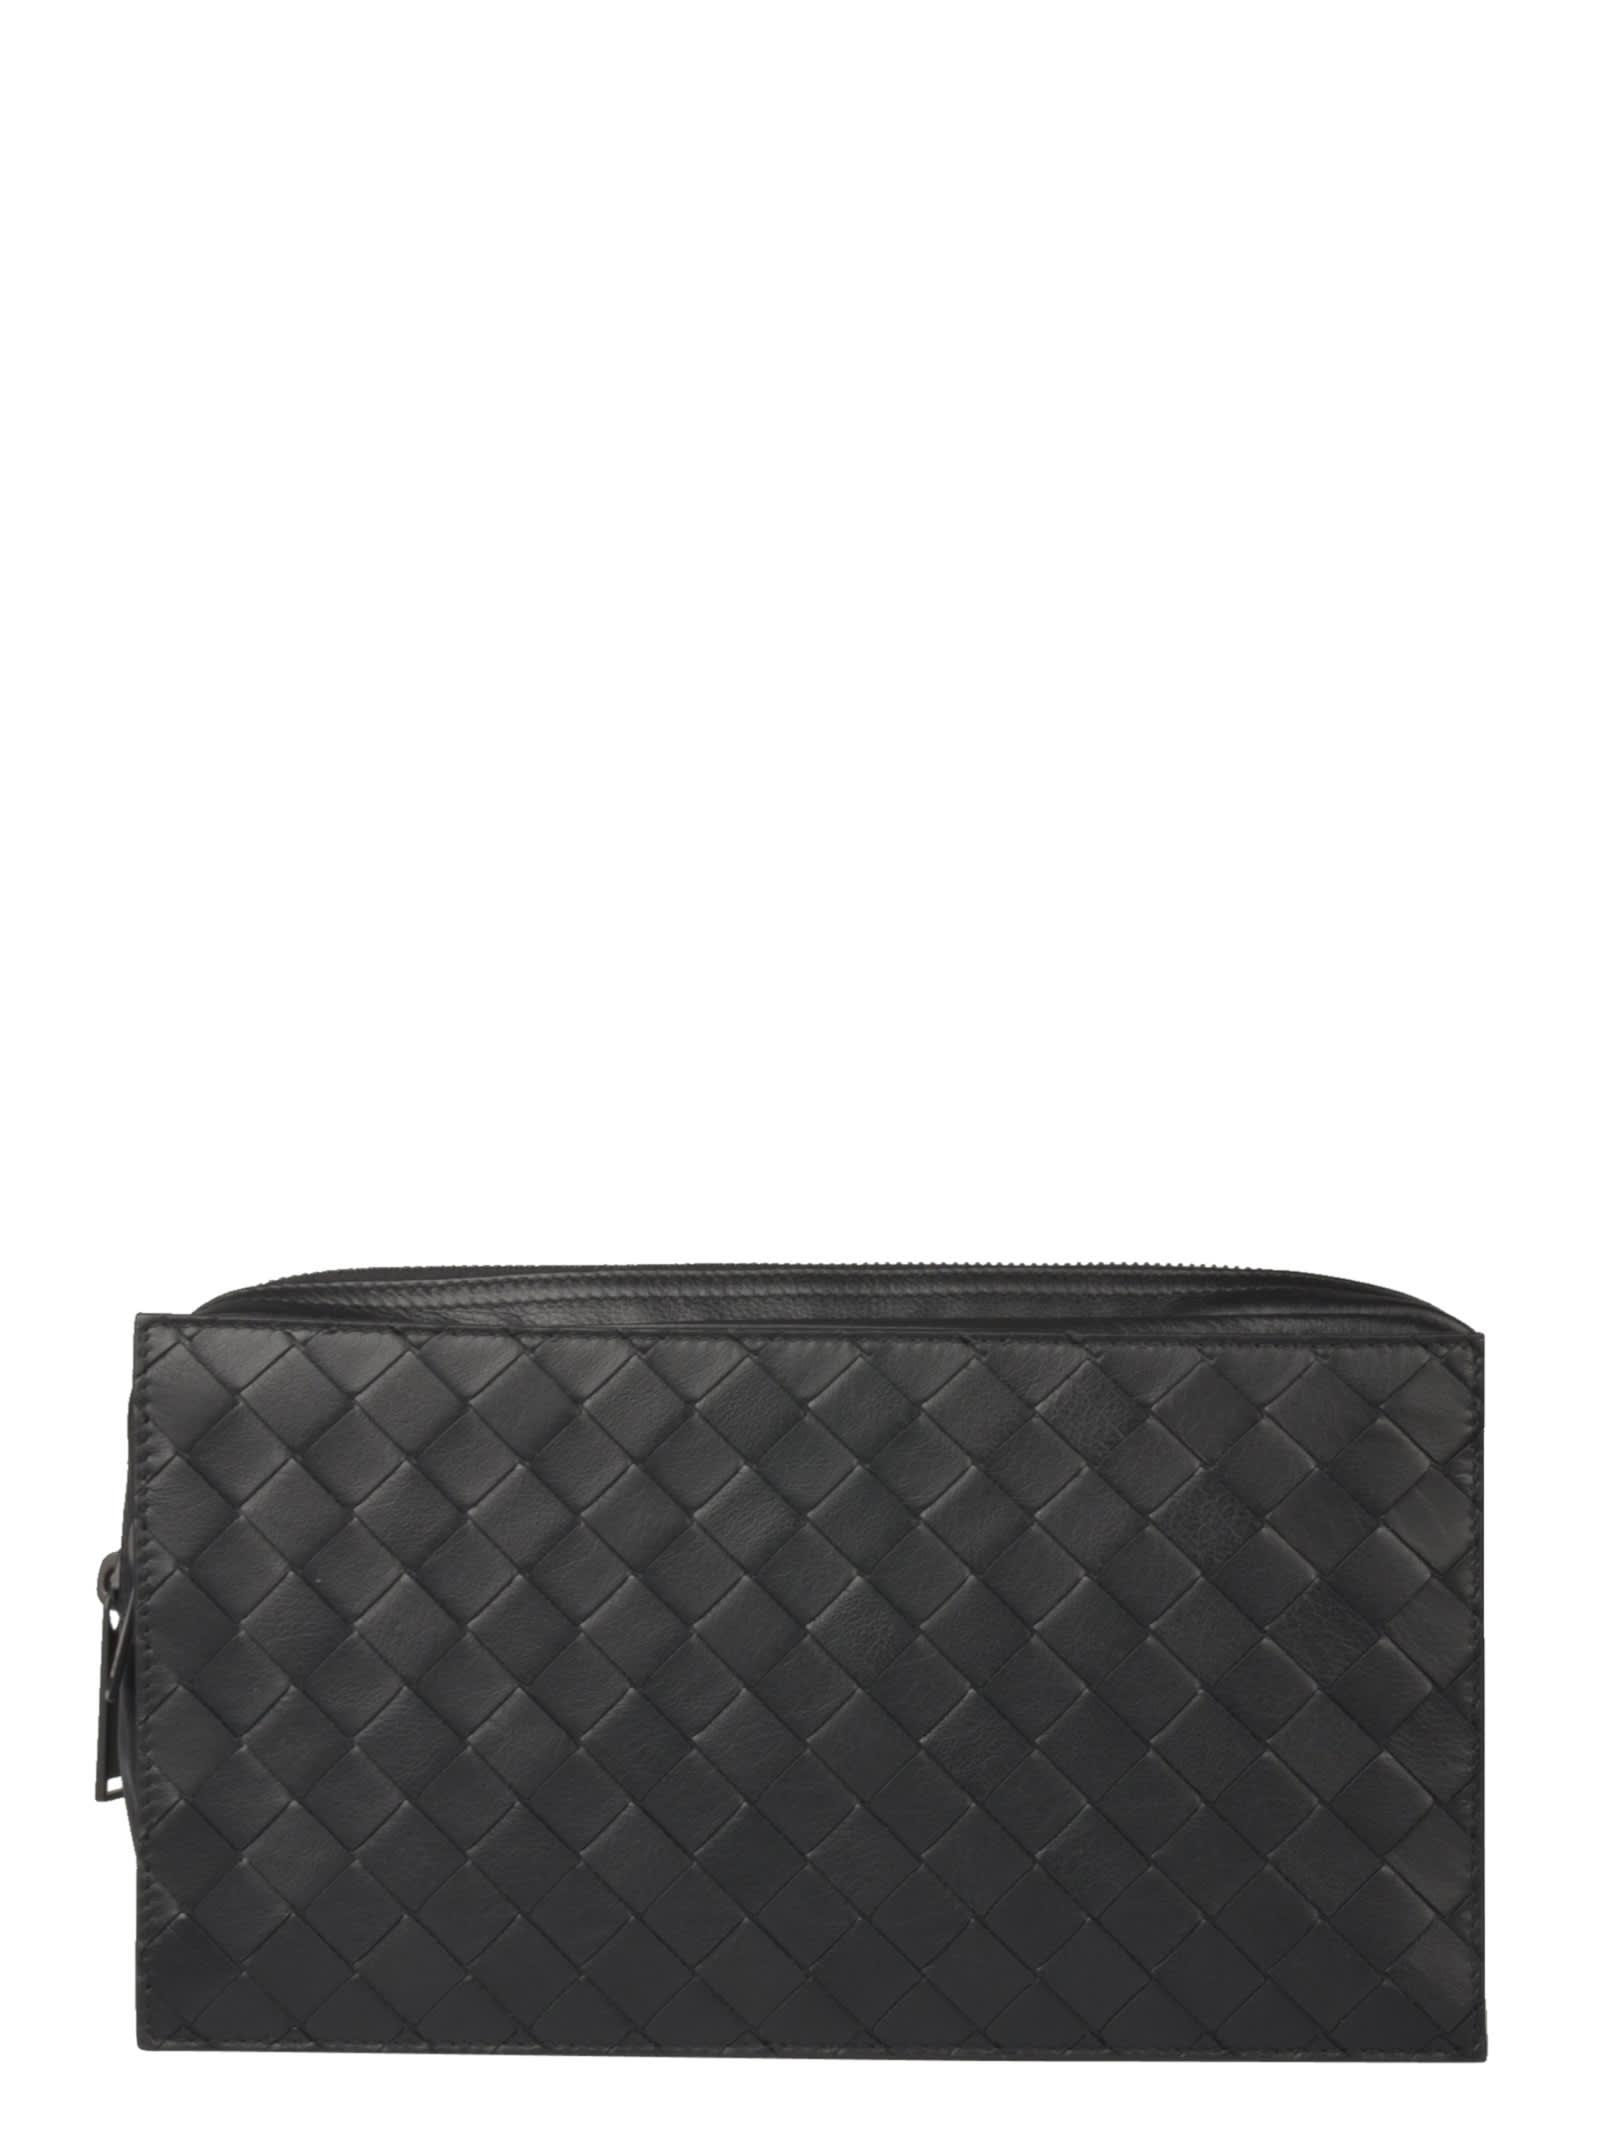 Bottega Veneta Ultralight Bag